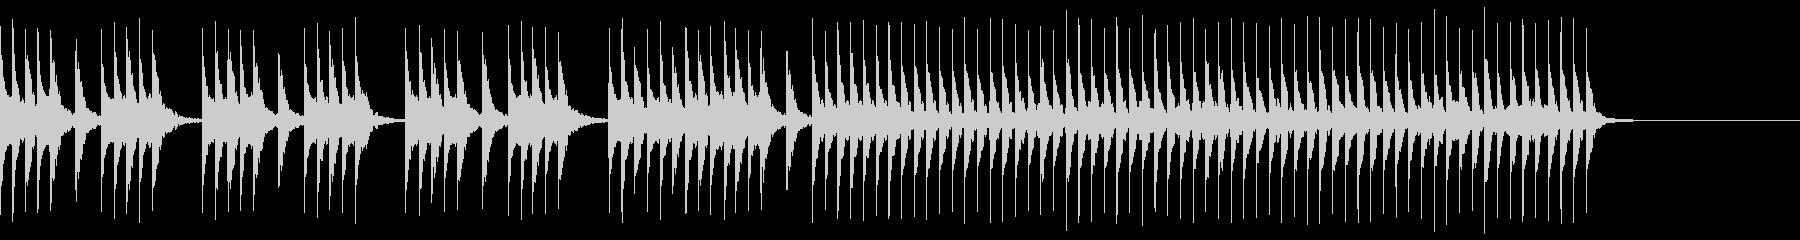 和楽器/三味線/和風フレーズ/#3の未再生の波形